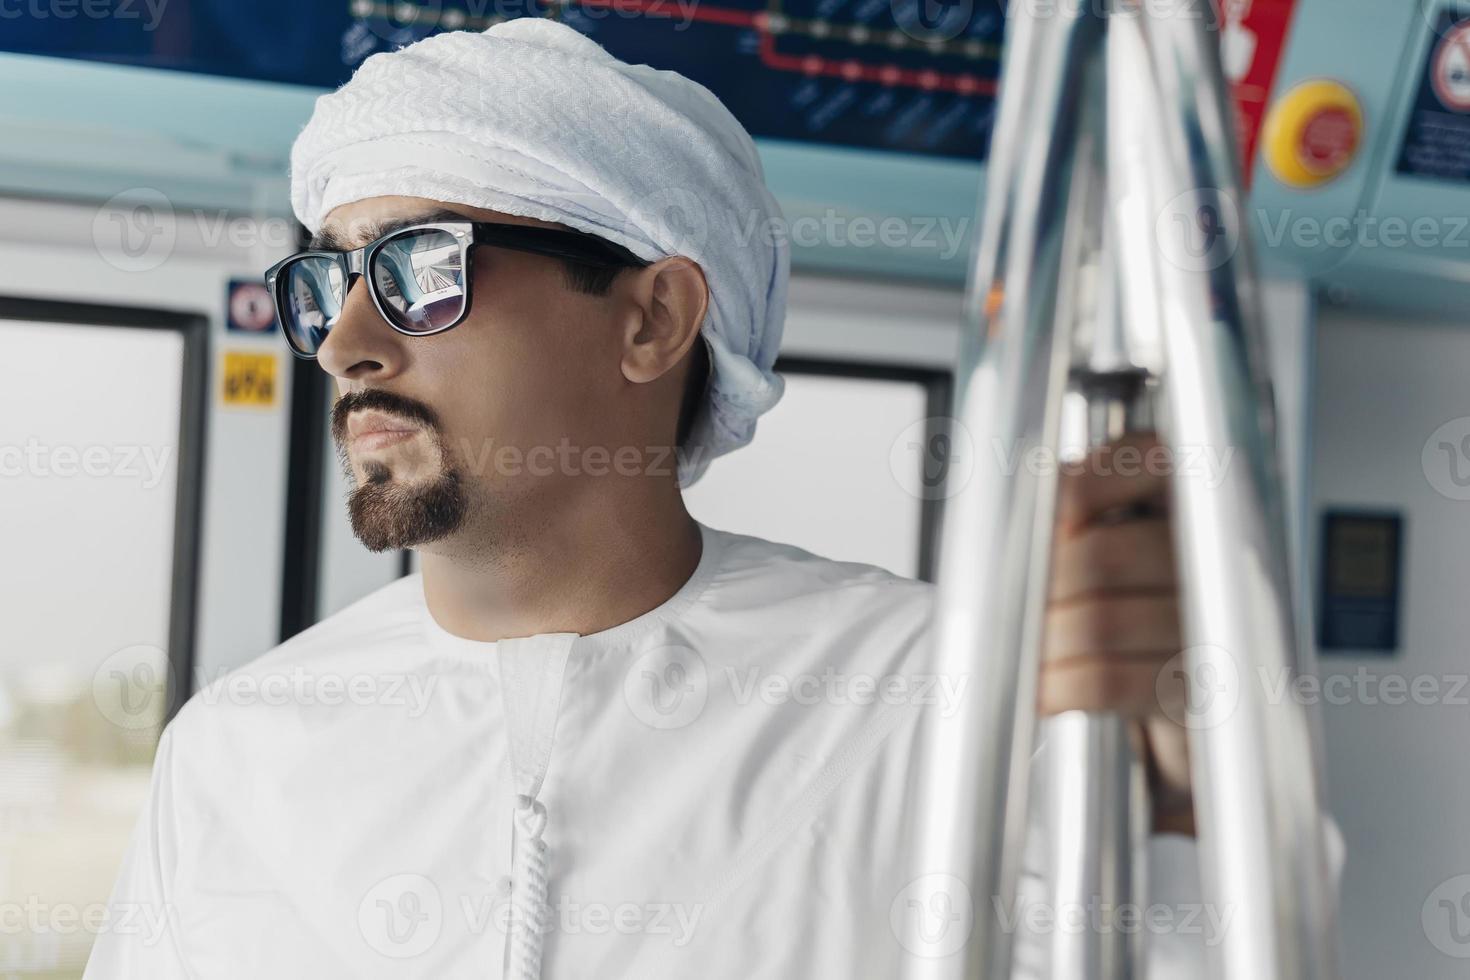 arabischer Mann im U-Bahnzug foto